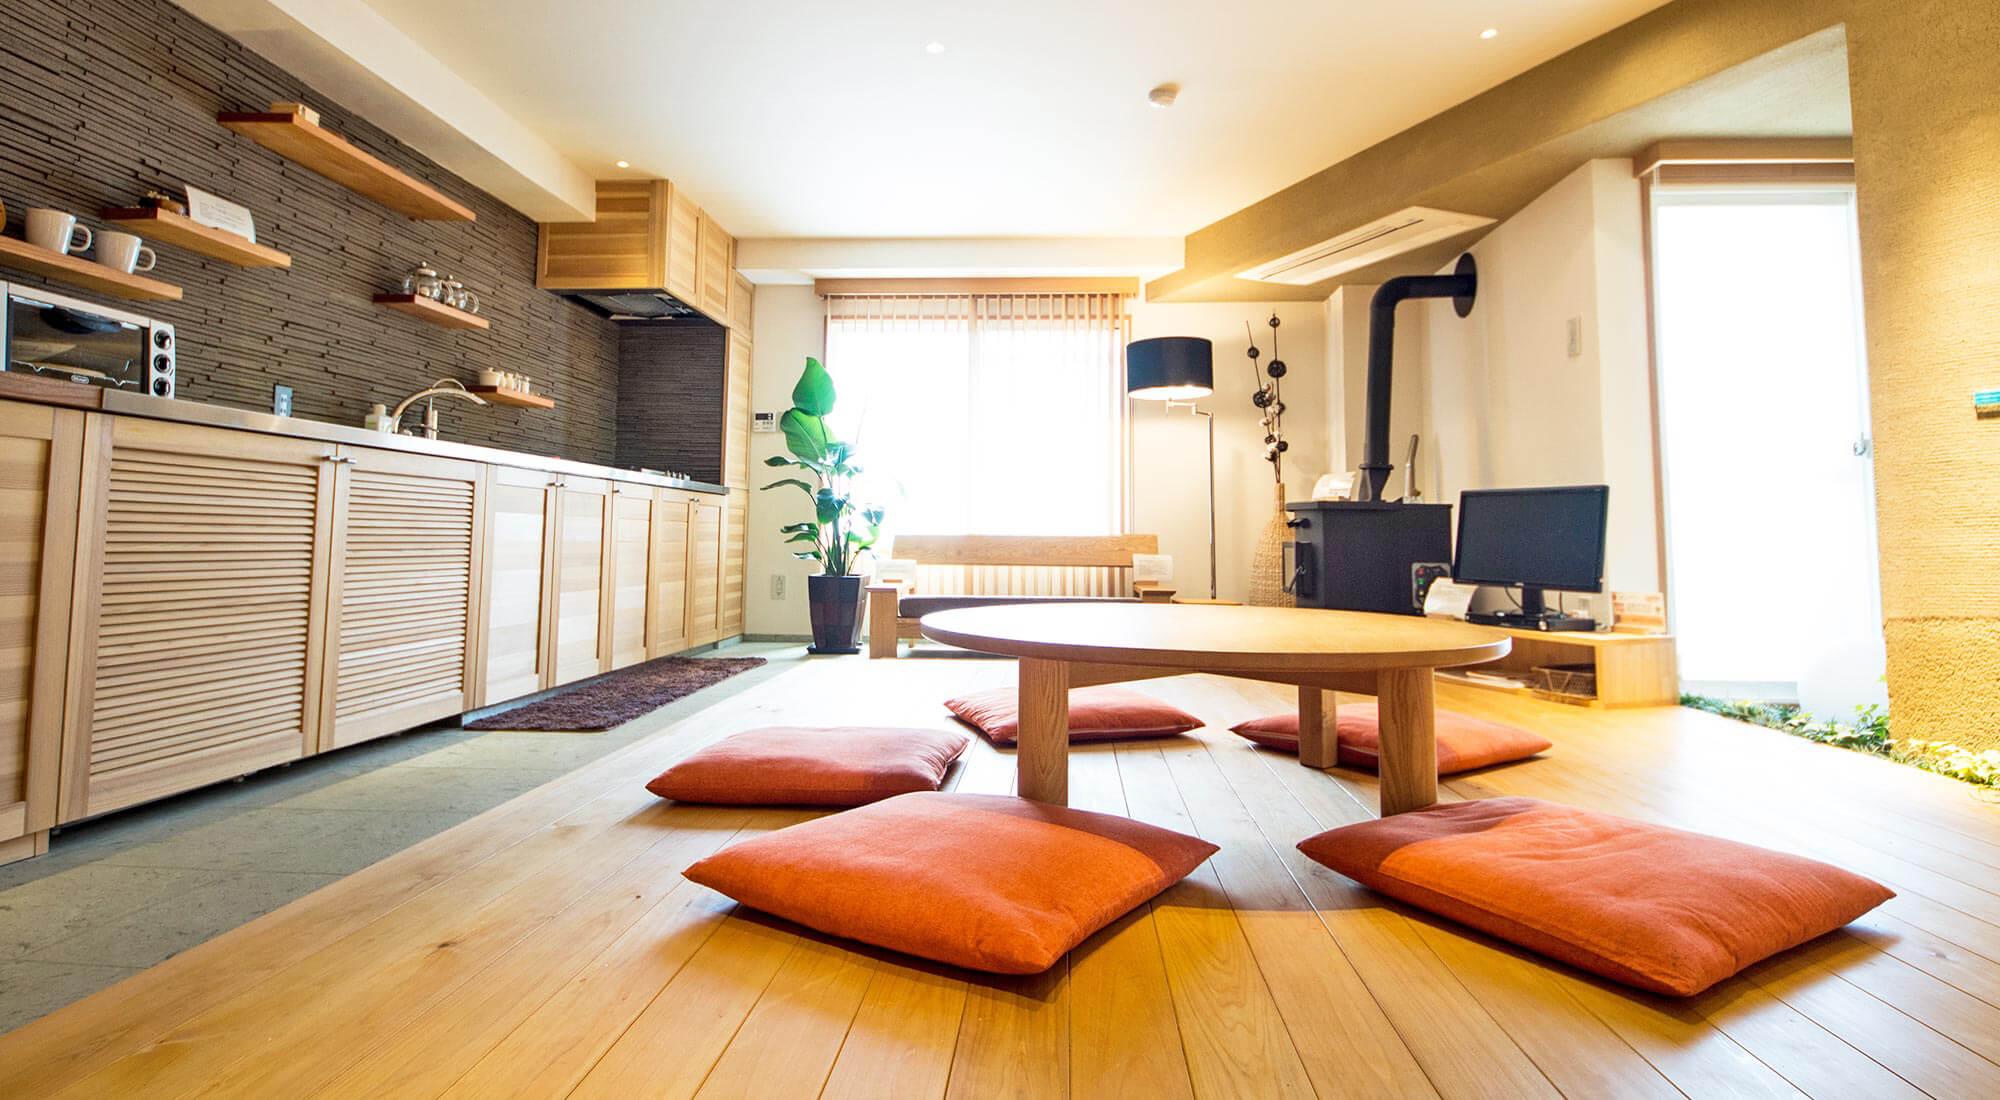 宿泊体感型モデルルーム「空まめの木」